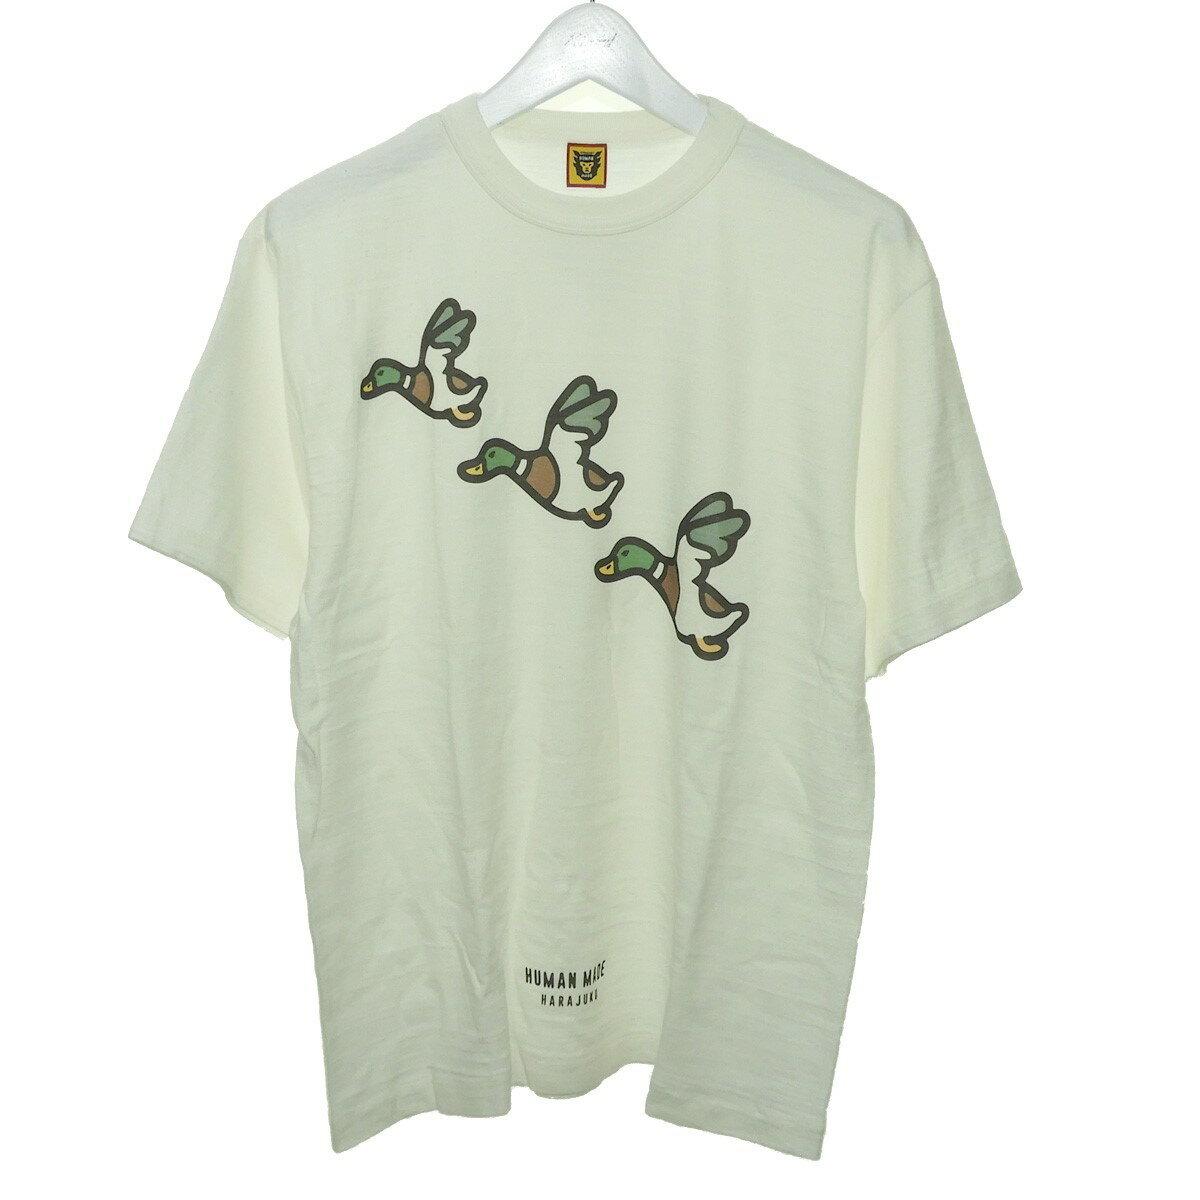 トップス, Tシャツ・カットソー HUMAN MADEHARAJUKU T L 322